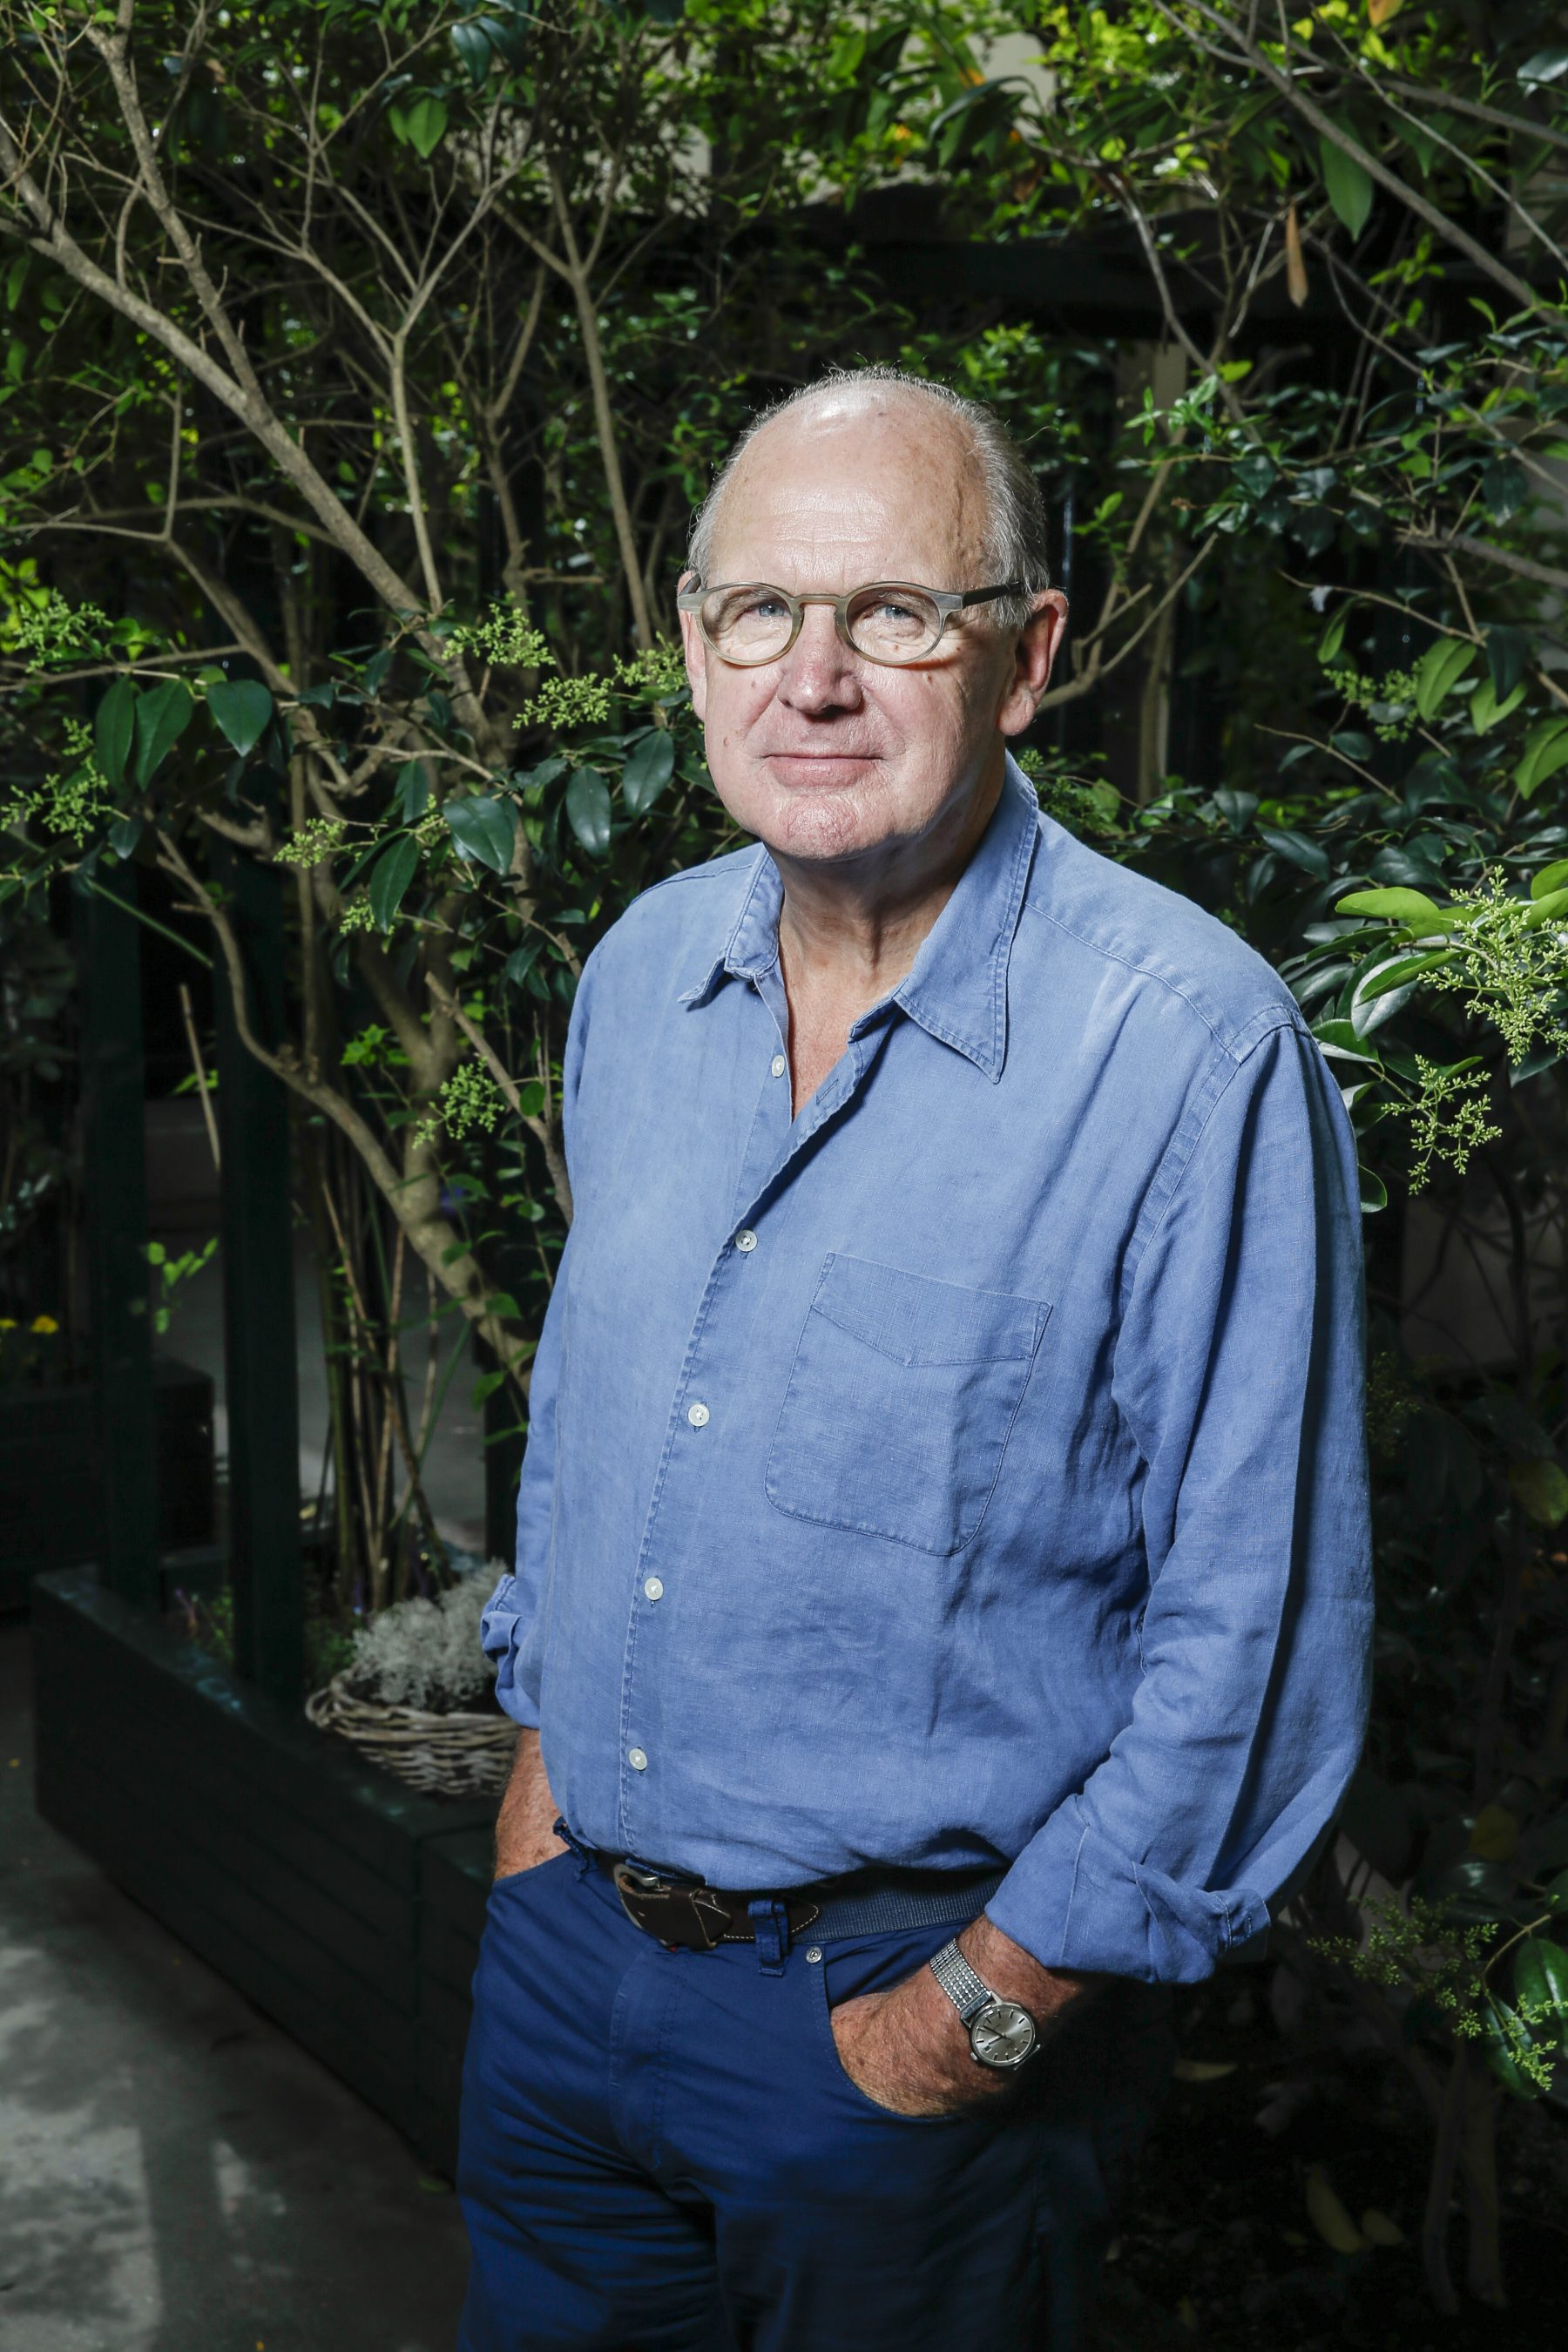 Philip Freriks hoort in 'Pauw' onaangenaam nieuws over ontslag